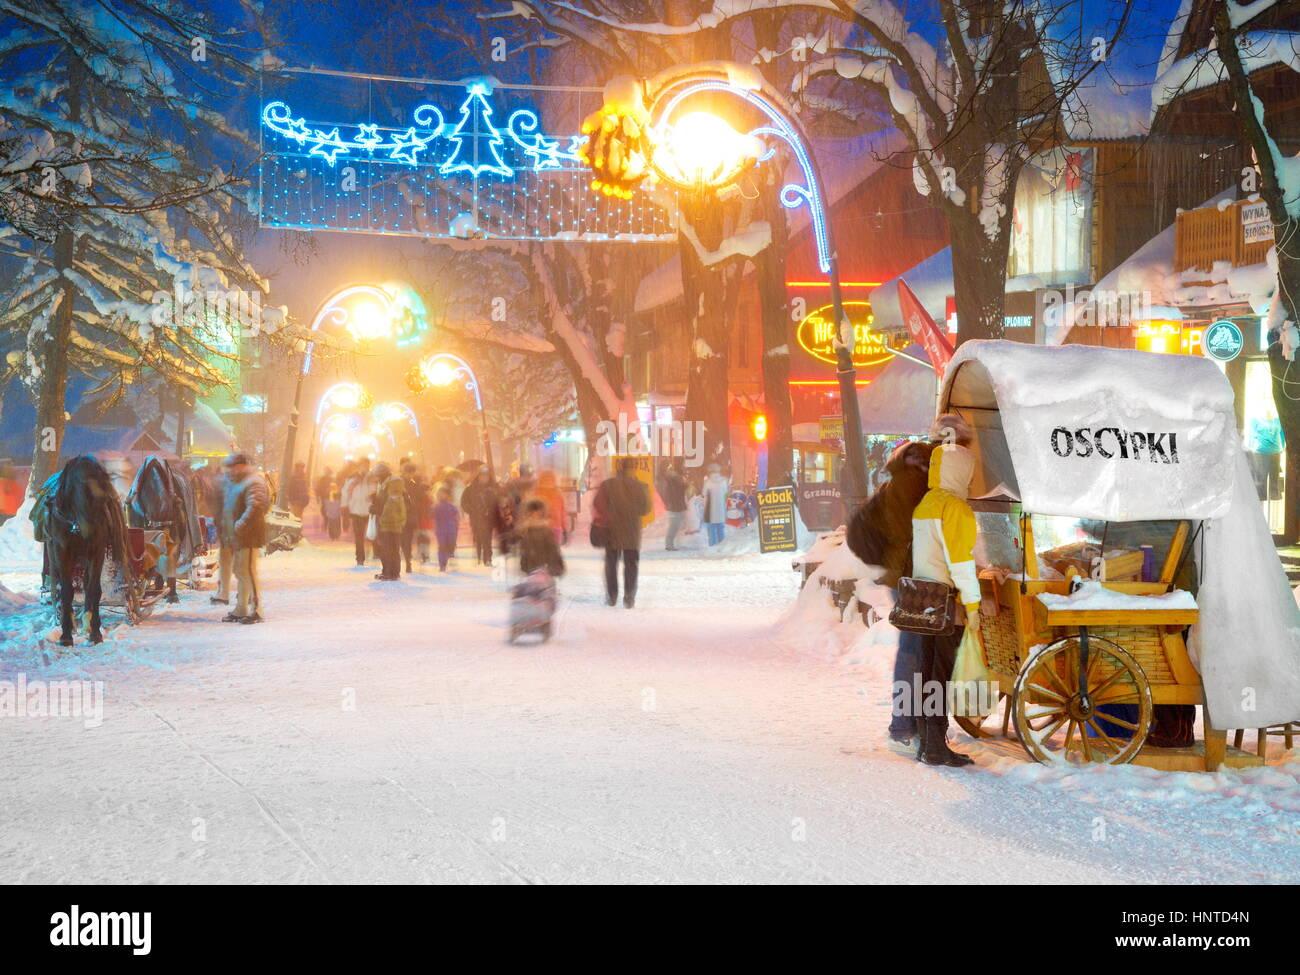 Ciudad de nieve de invierno en tiempo de Navidad en Zakopane, Polonia Imagen De Stock